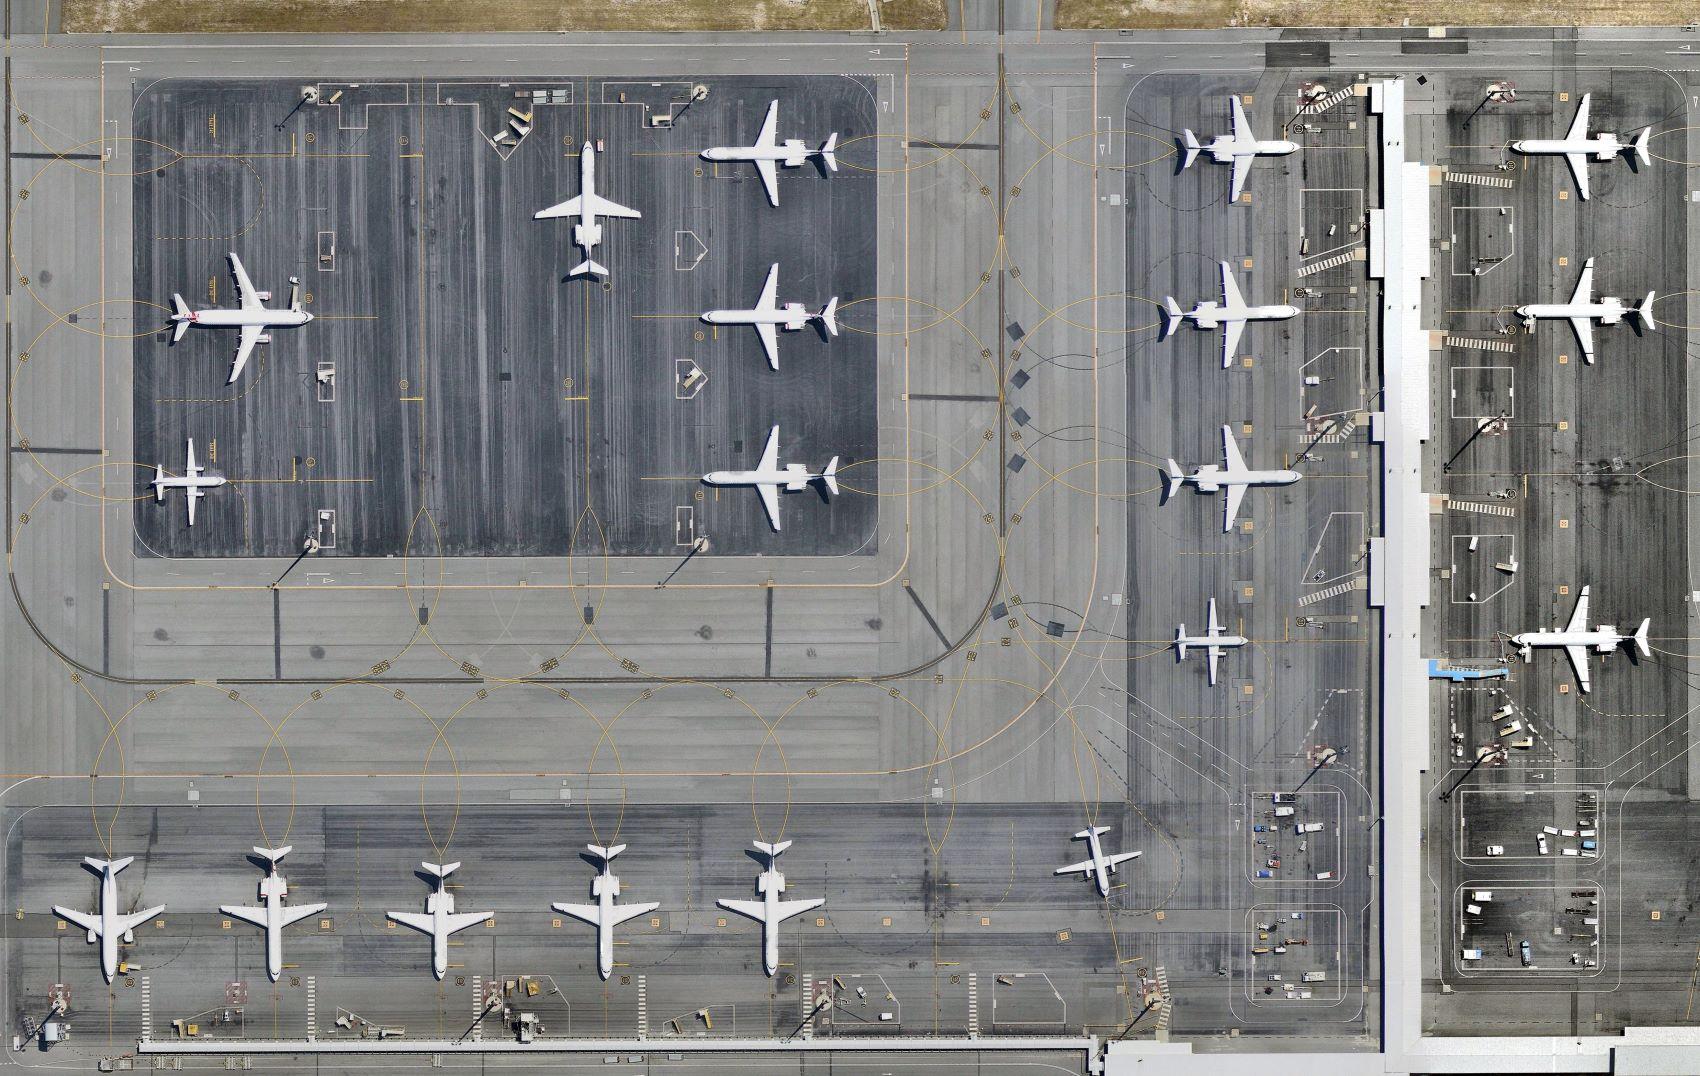 Caixa alerta para rombo de R$ 1,4 bilhão no FGTS com ajuda a aéreas thumbnail